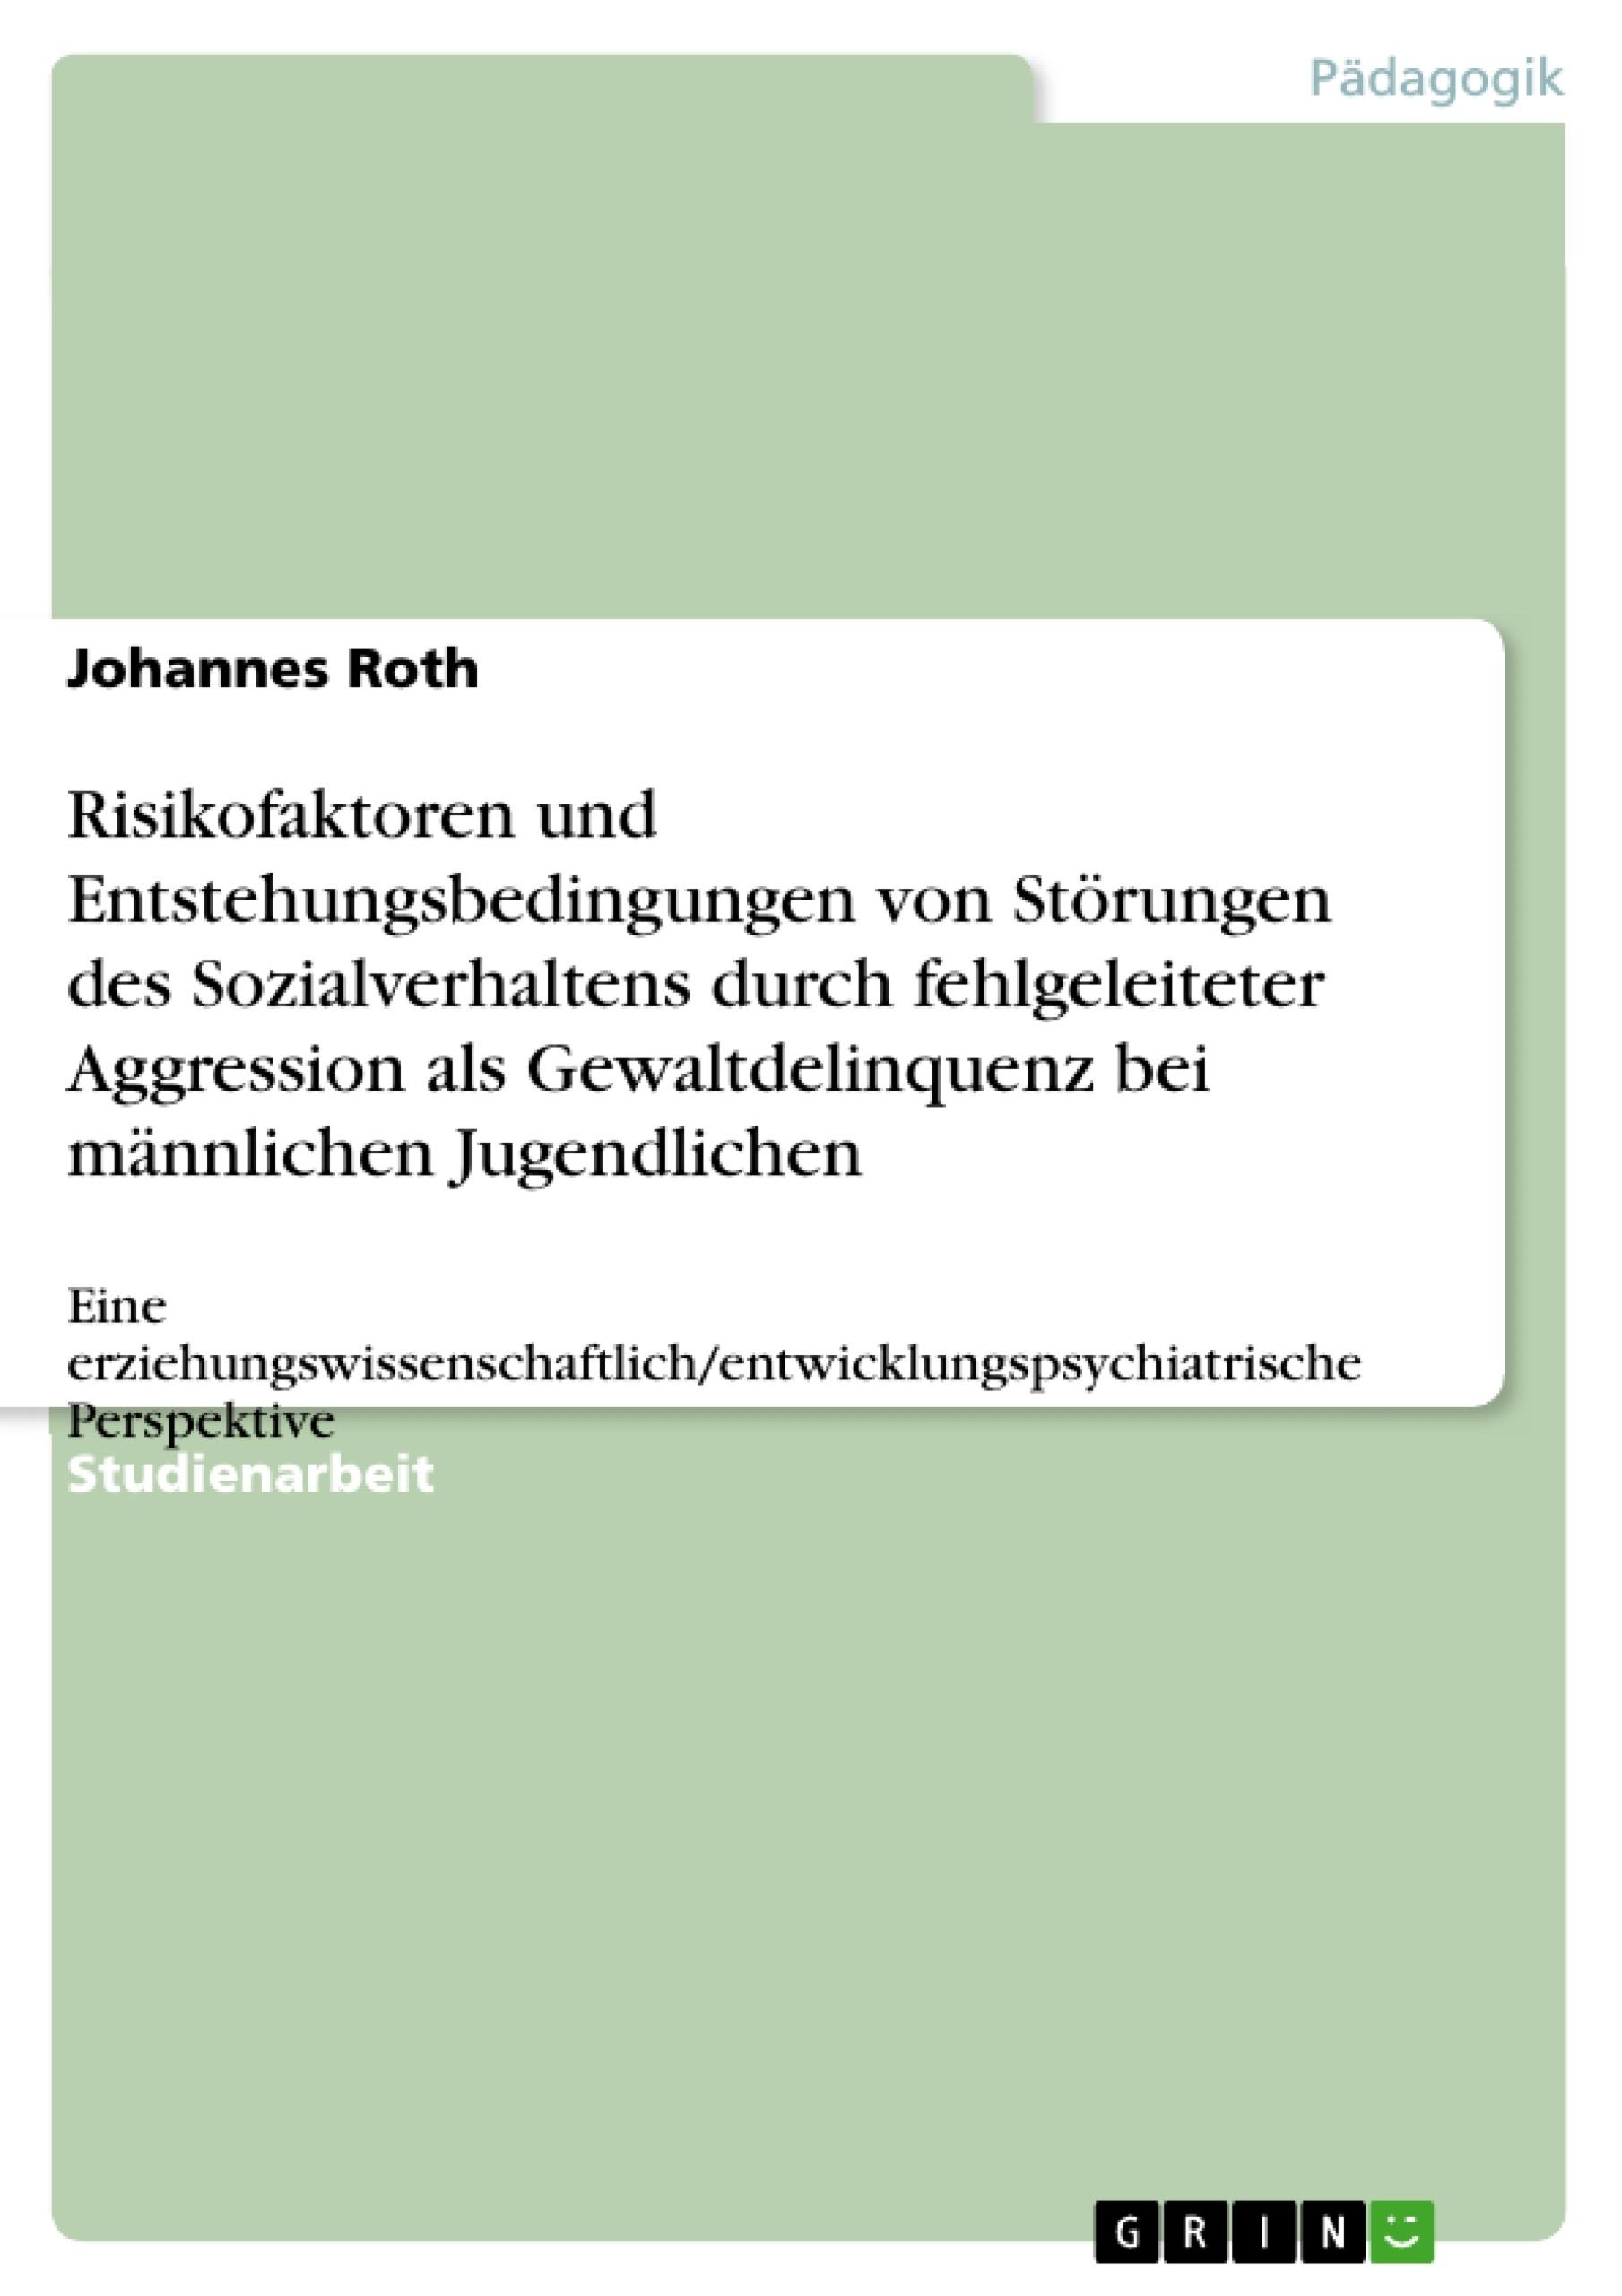 Titel: Risikofaktoren und Entstehungsbedingungen von Störungen des Sozialverhaltens durch fehlgeleiteter Aggression als Gewaltdelinquenz bei männlichen Jugendlichen